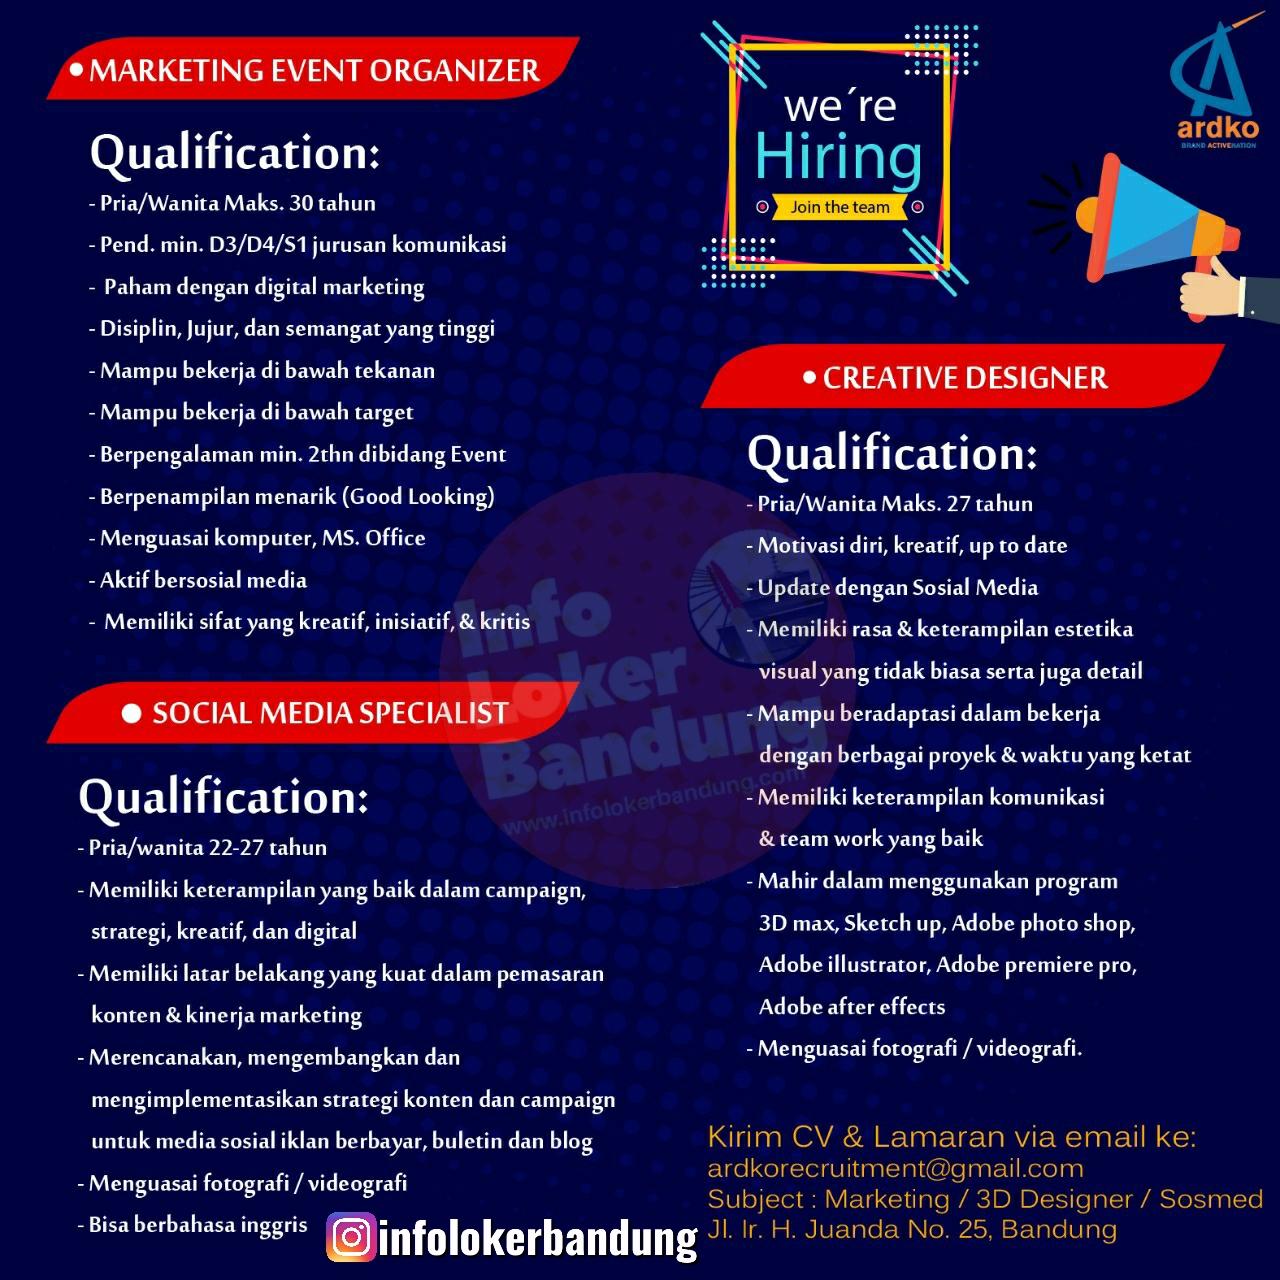 Lowongan Kerja PT. Ardan Komunika ( Ardko ) Bandung Mei 2020